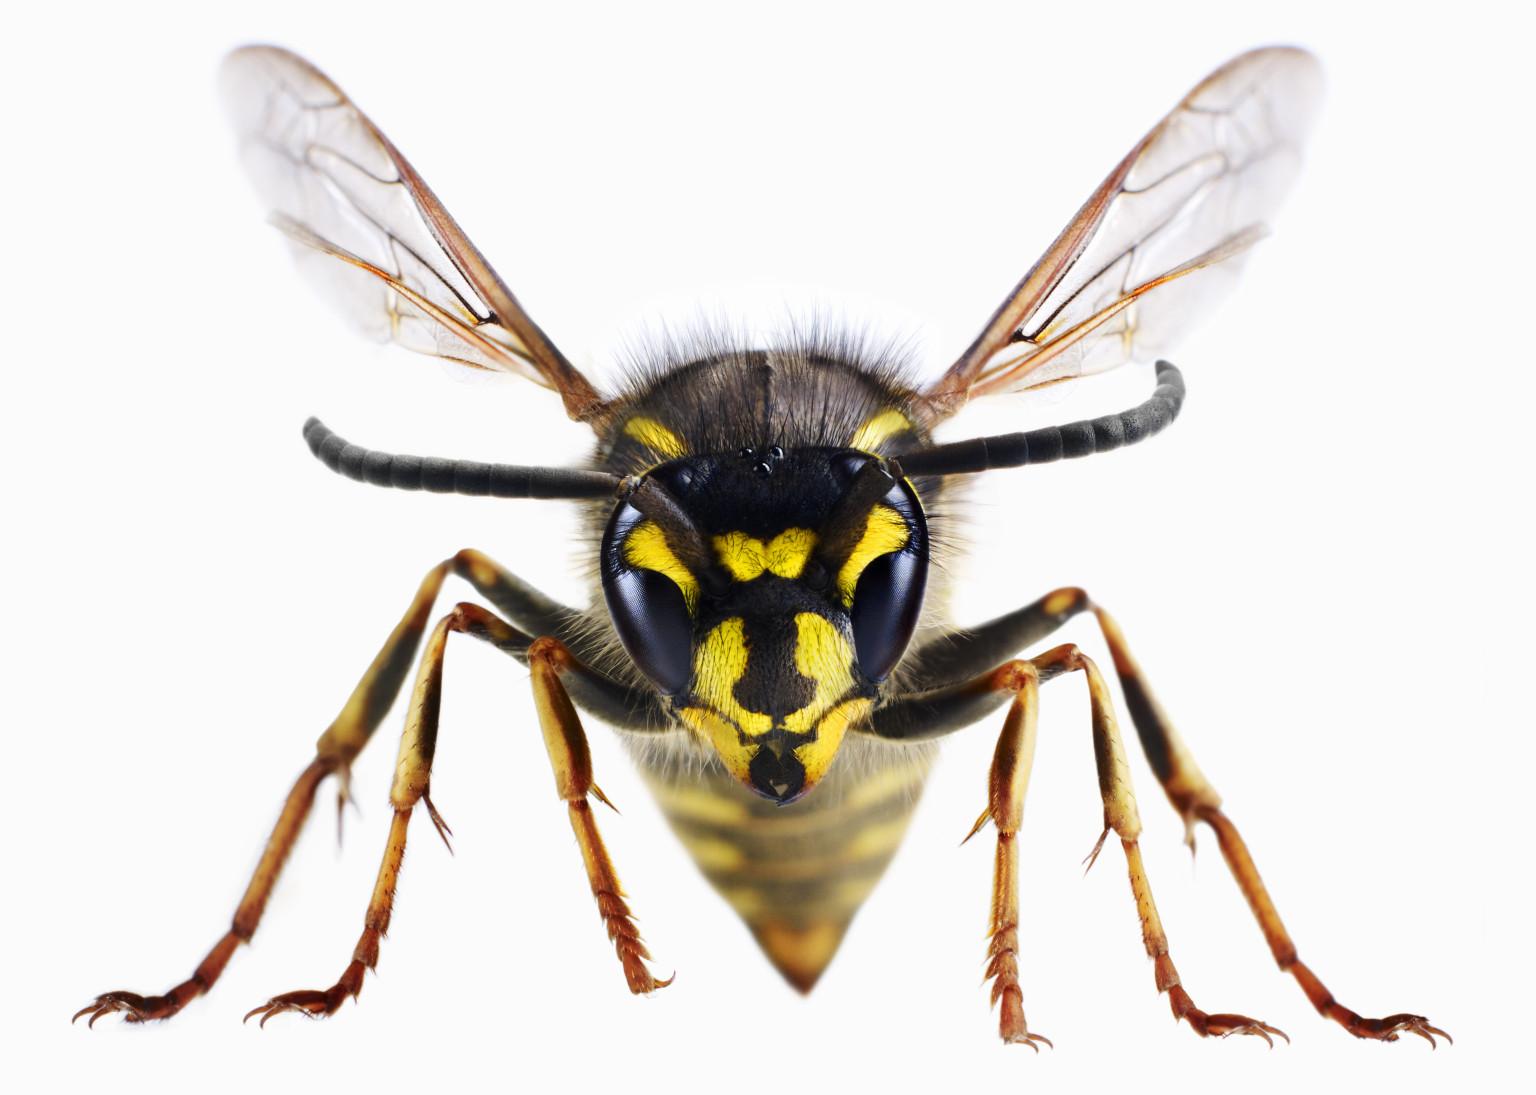 Killer bees essay